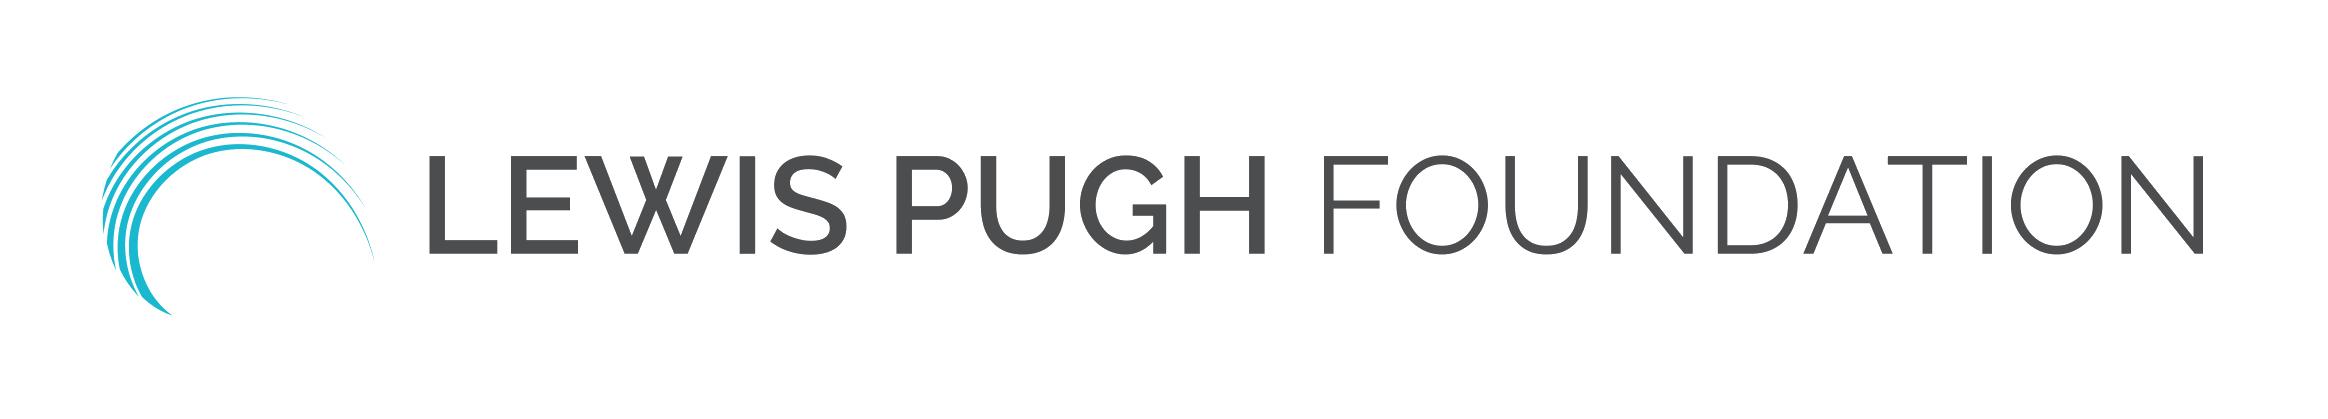 LPF_logo.jpg